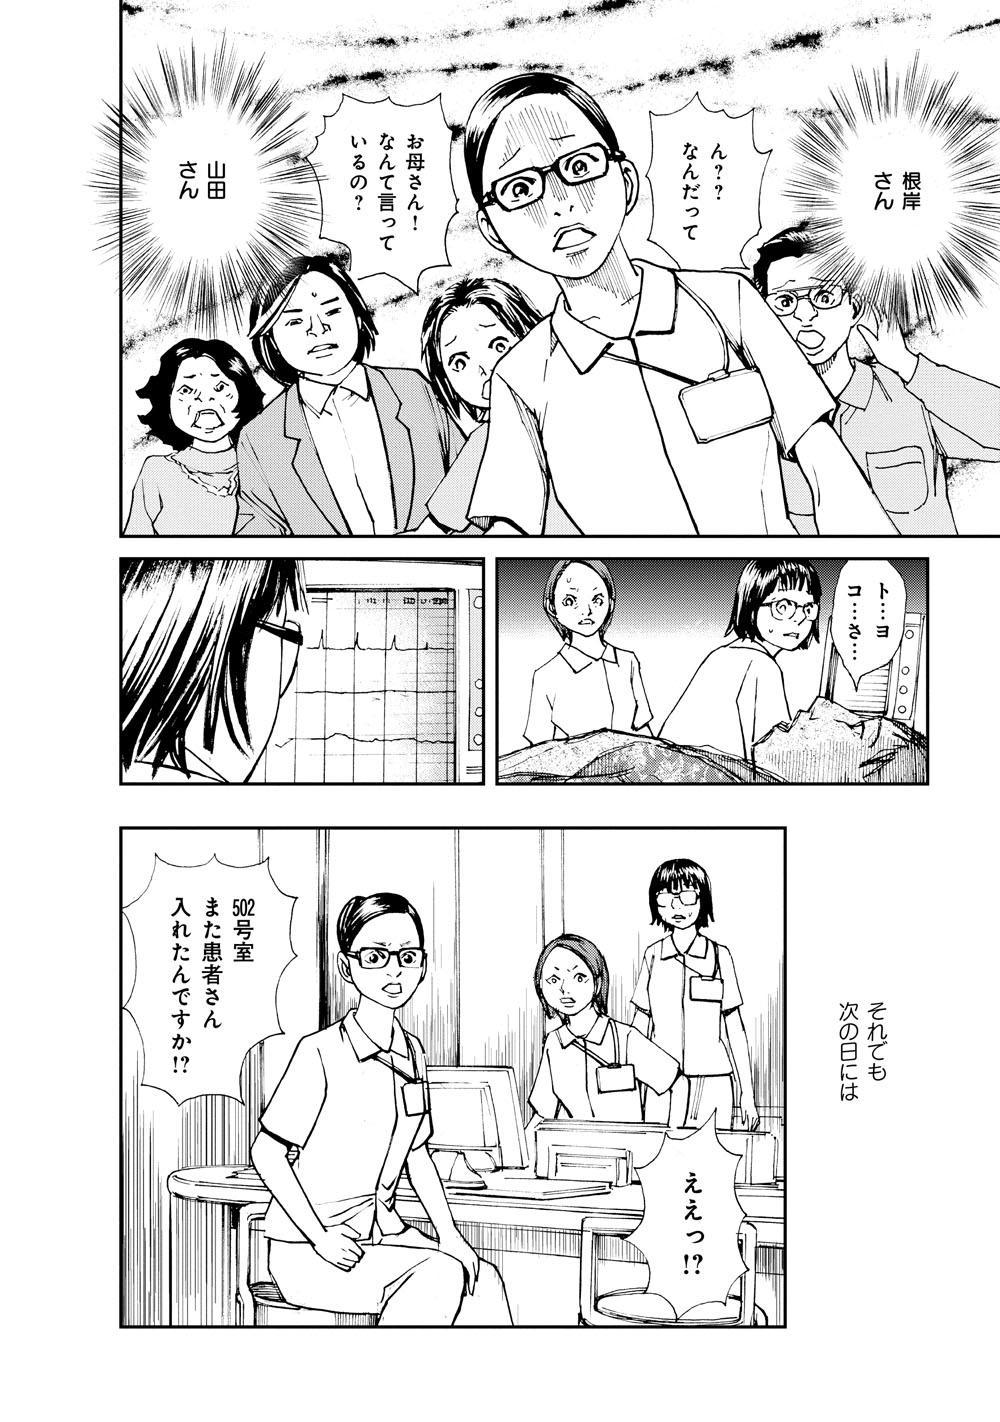 テレビ版_ほん怖_246.jpg